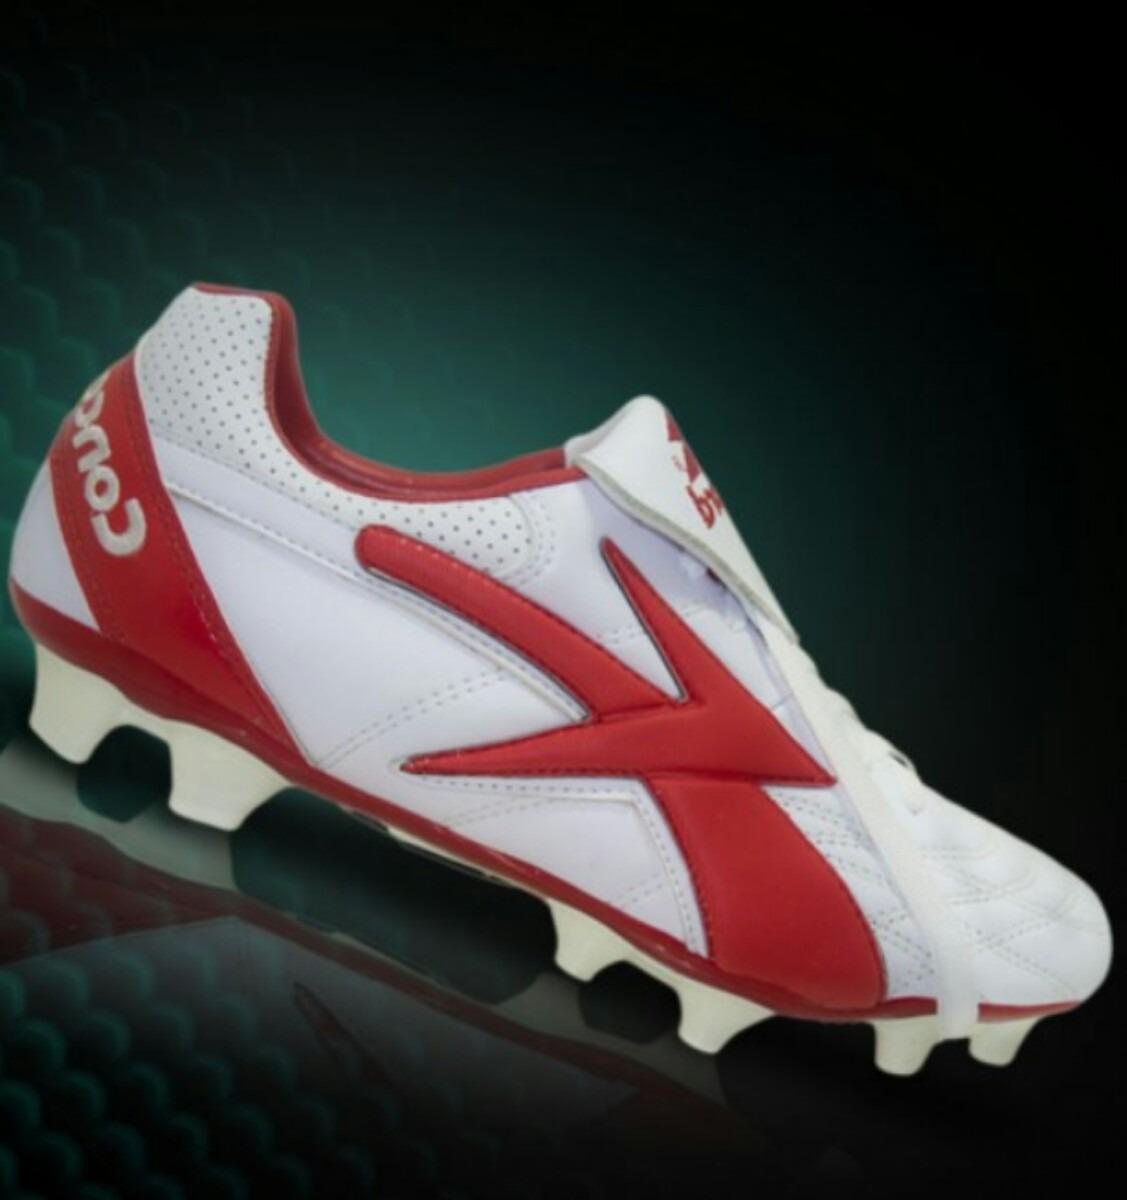 308560910c61f Zapatos de futbol concord de piel en mercado libre jpg 1127x1200 Zapatos de  soccer ano